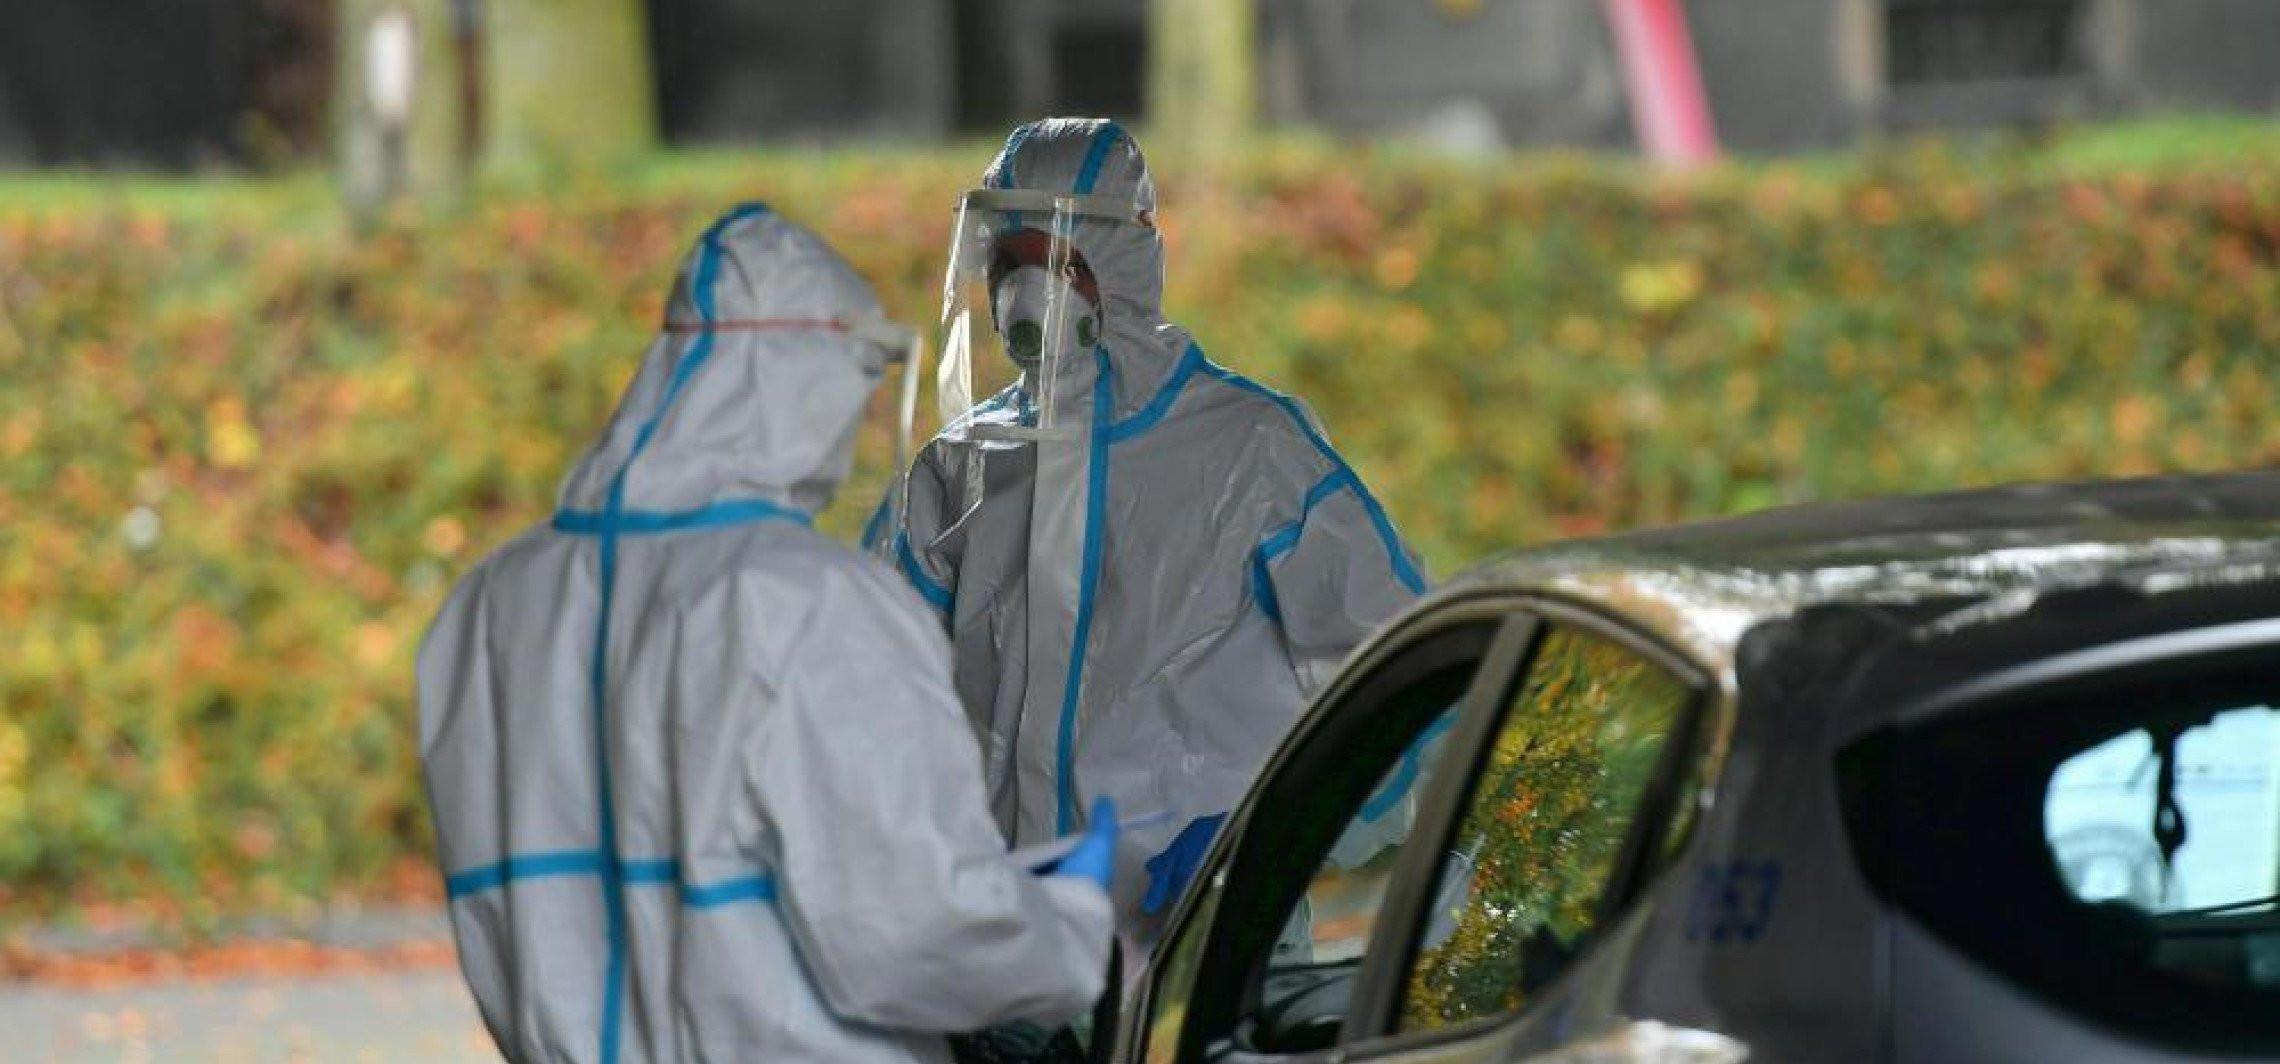 Wirusolog: maseczki chronią, testy genetyczne są wiarygodne, a pandemia jest groźna